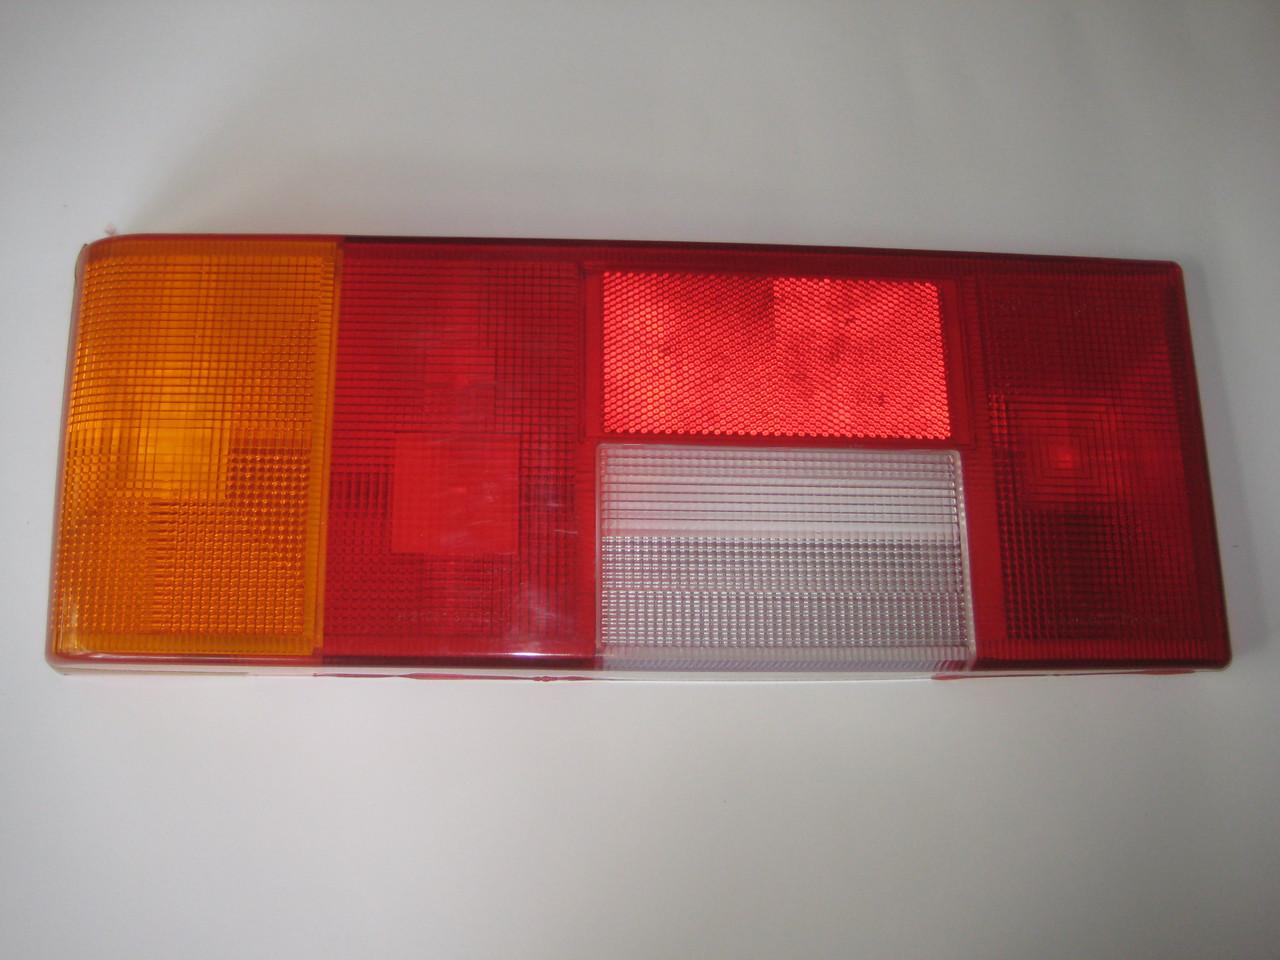 Стекло рассееватель фонарь задний левый ВАЗ 2108 2109 21099